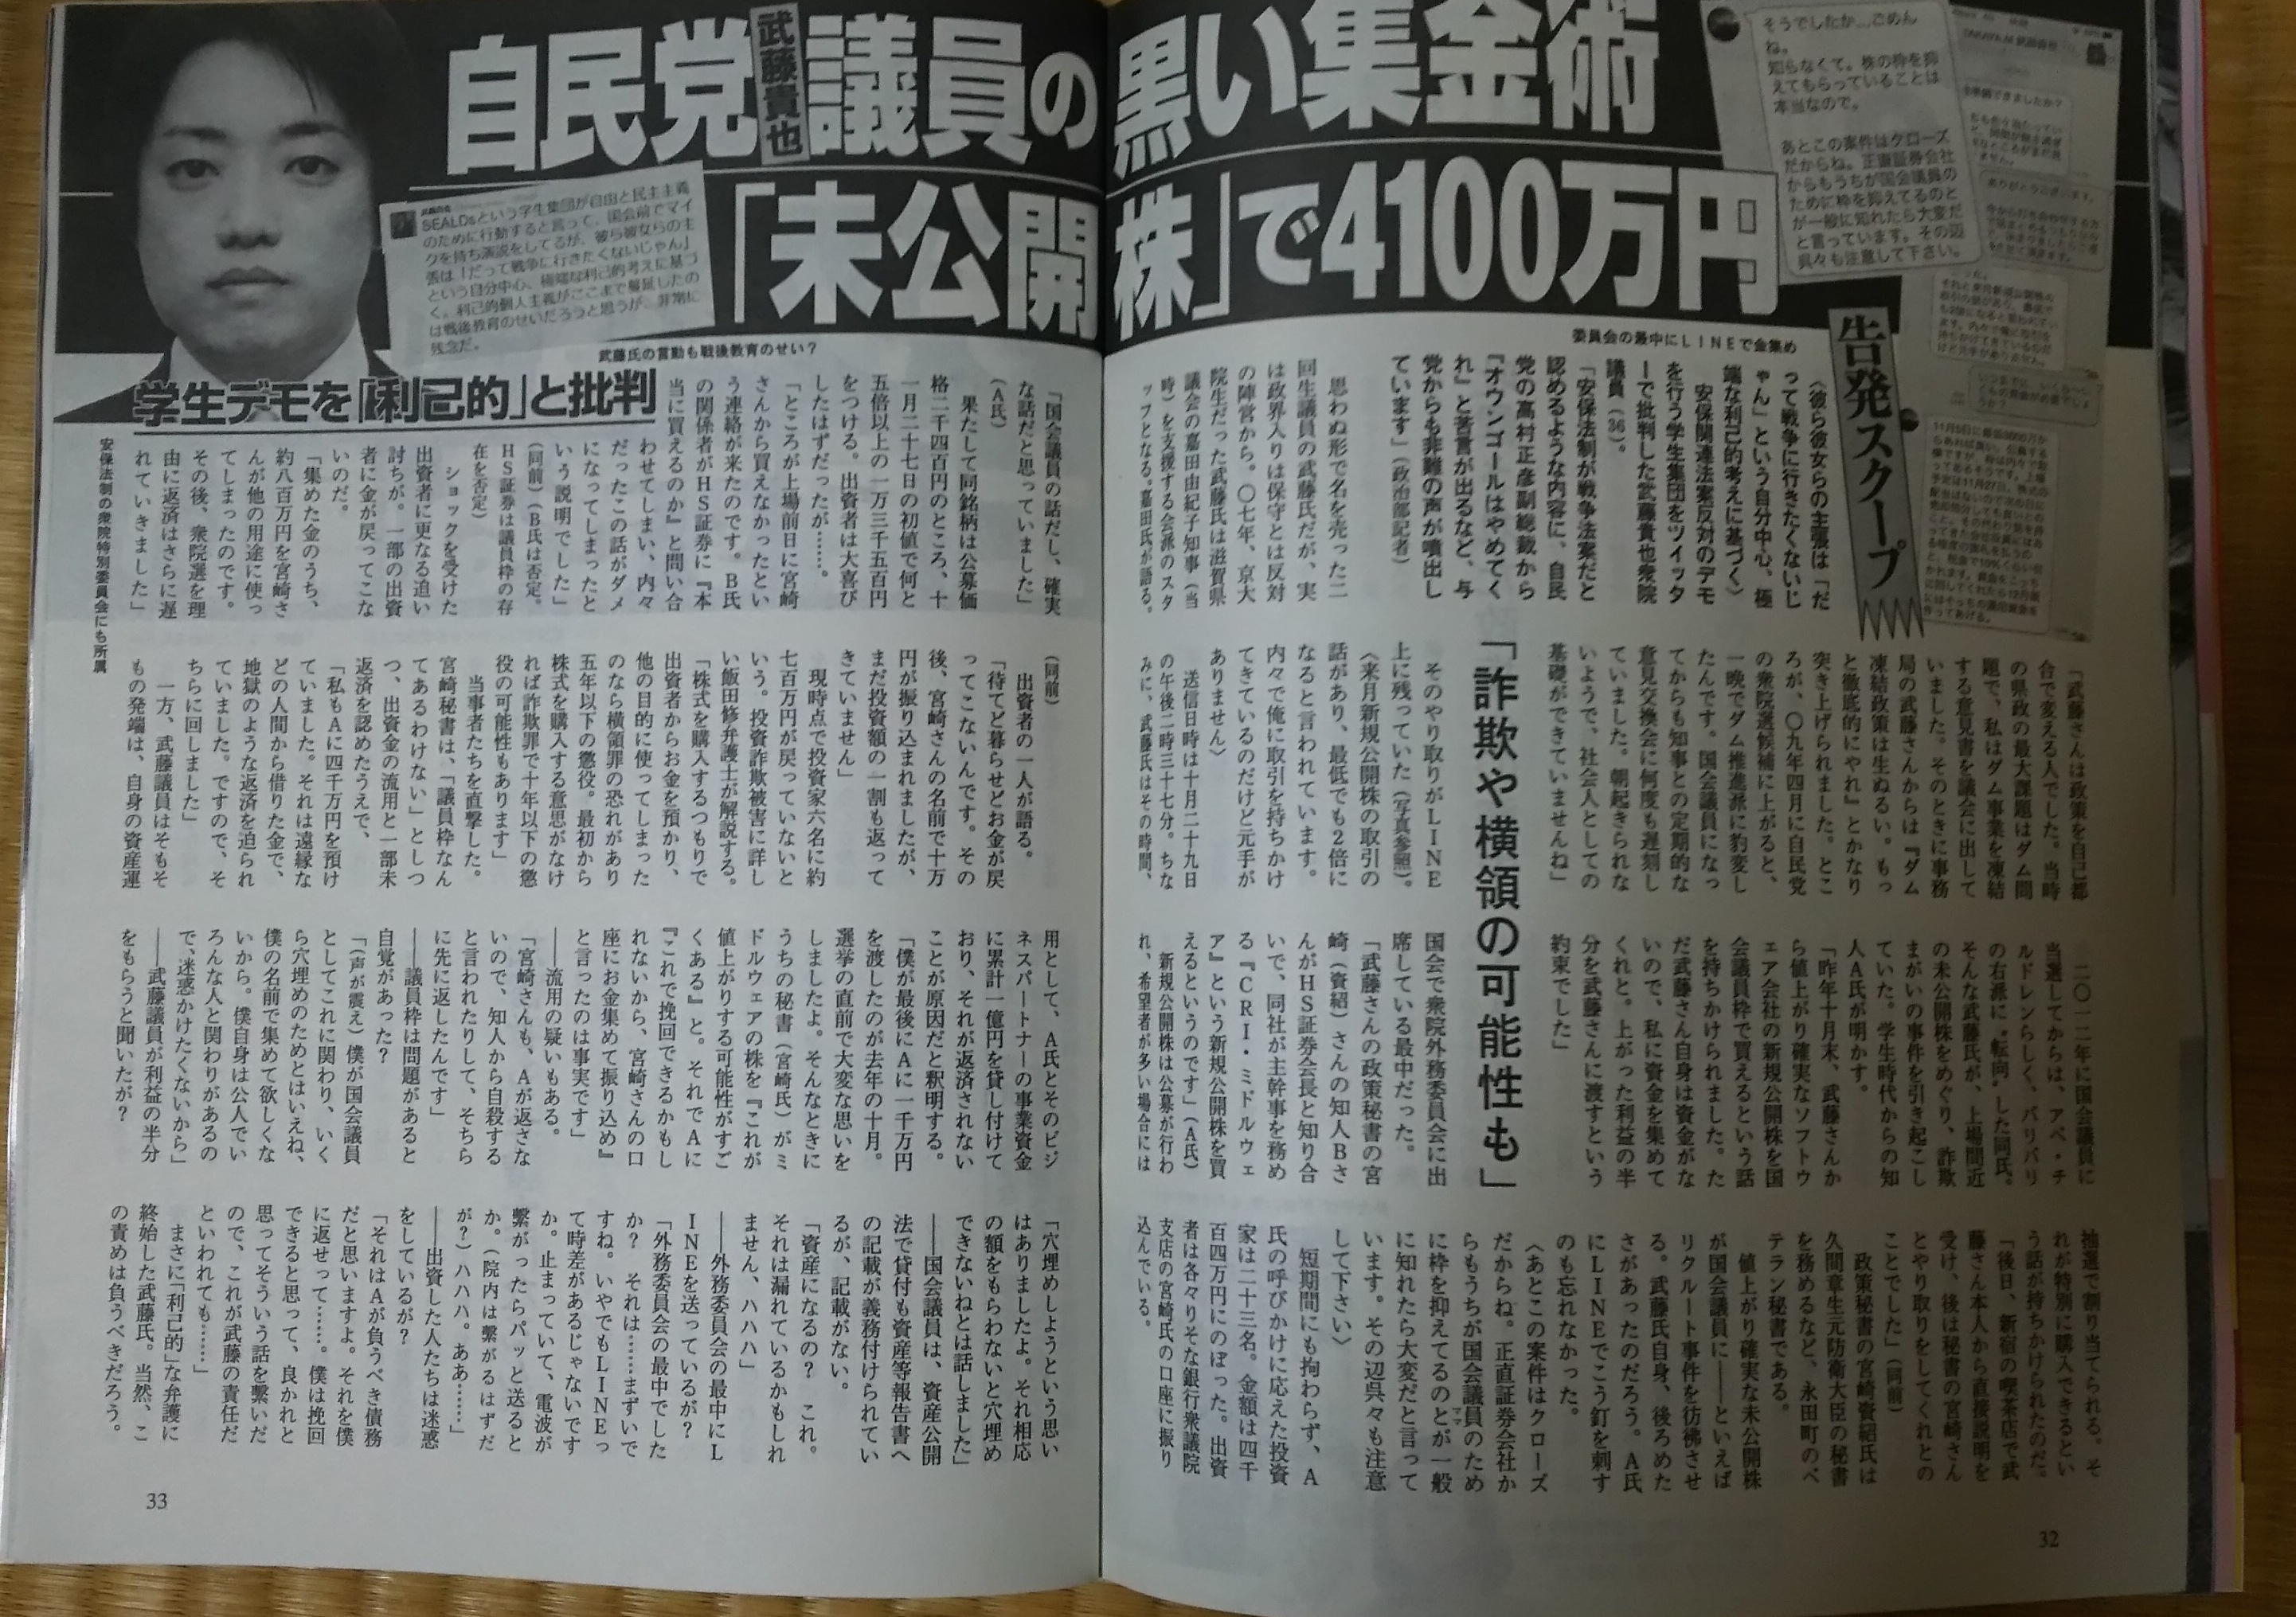 武藤貴也 週刊文春2015年8月27日号 32頁〜33頁